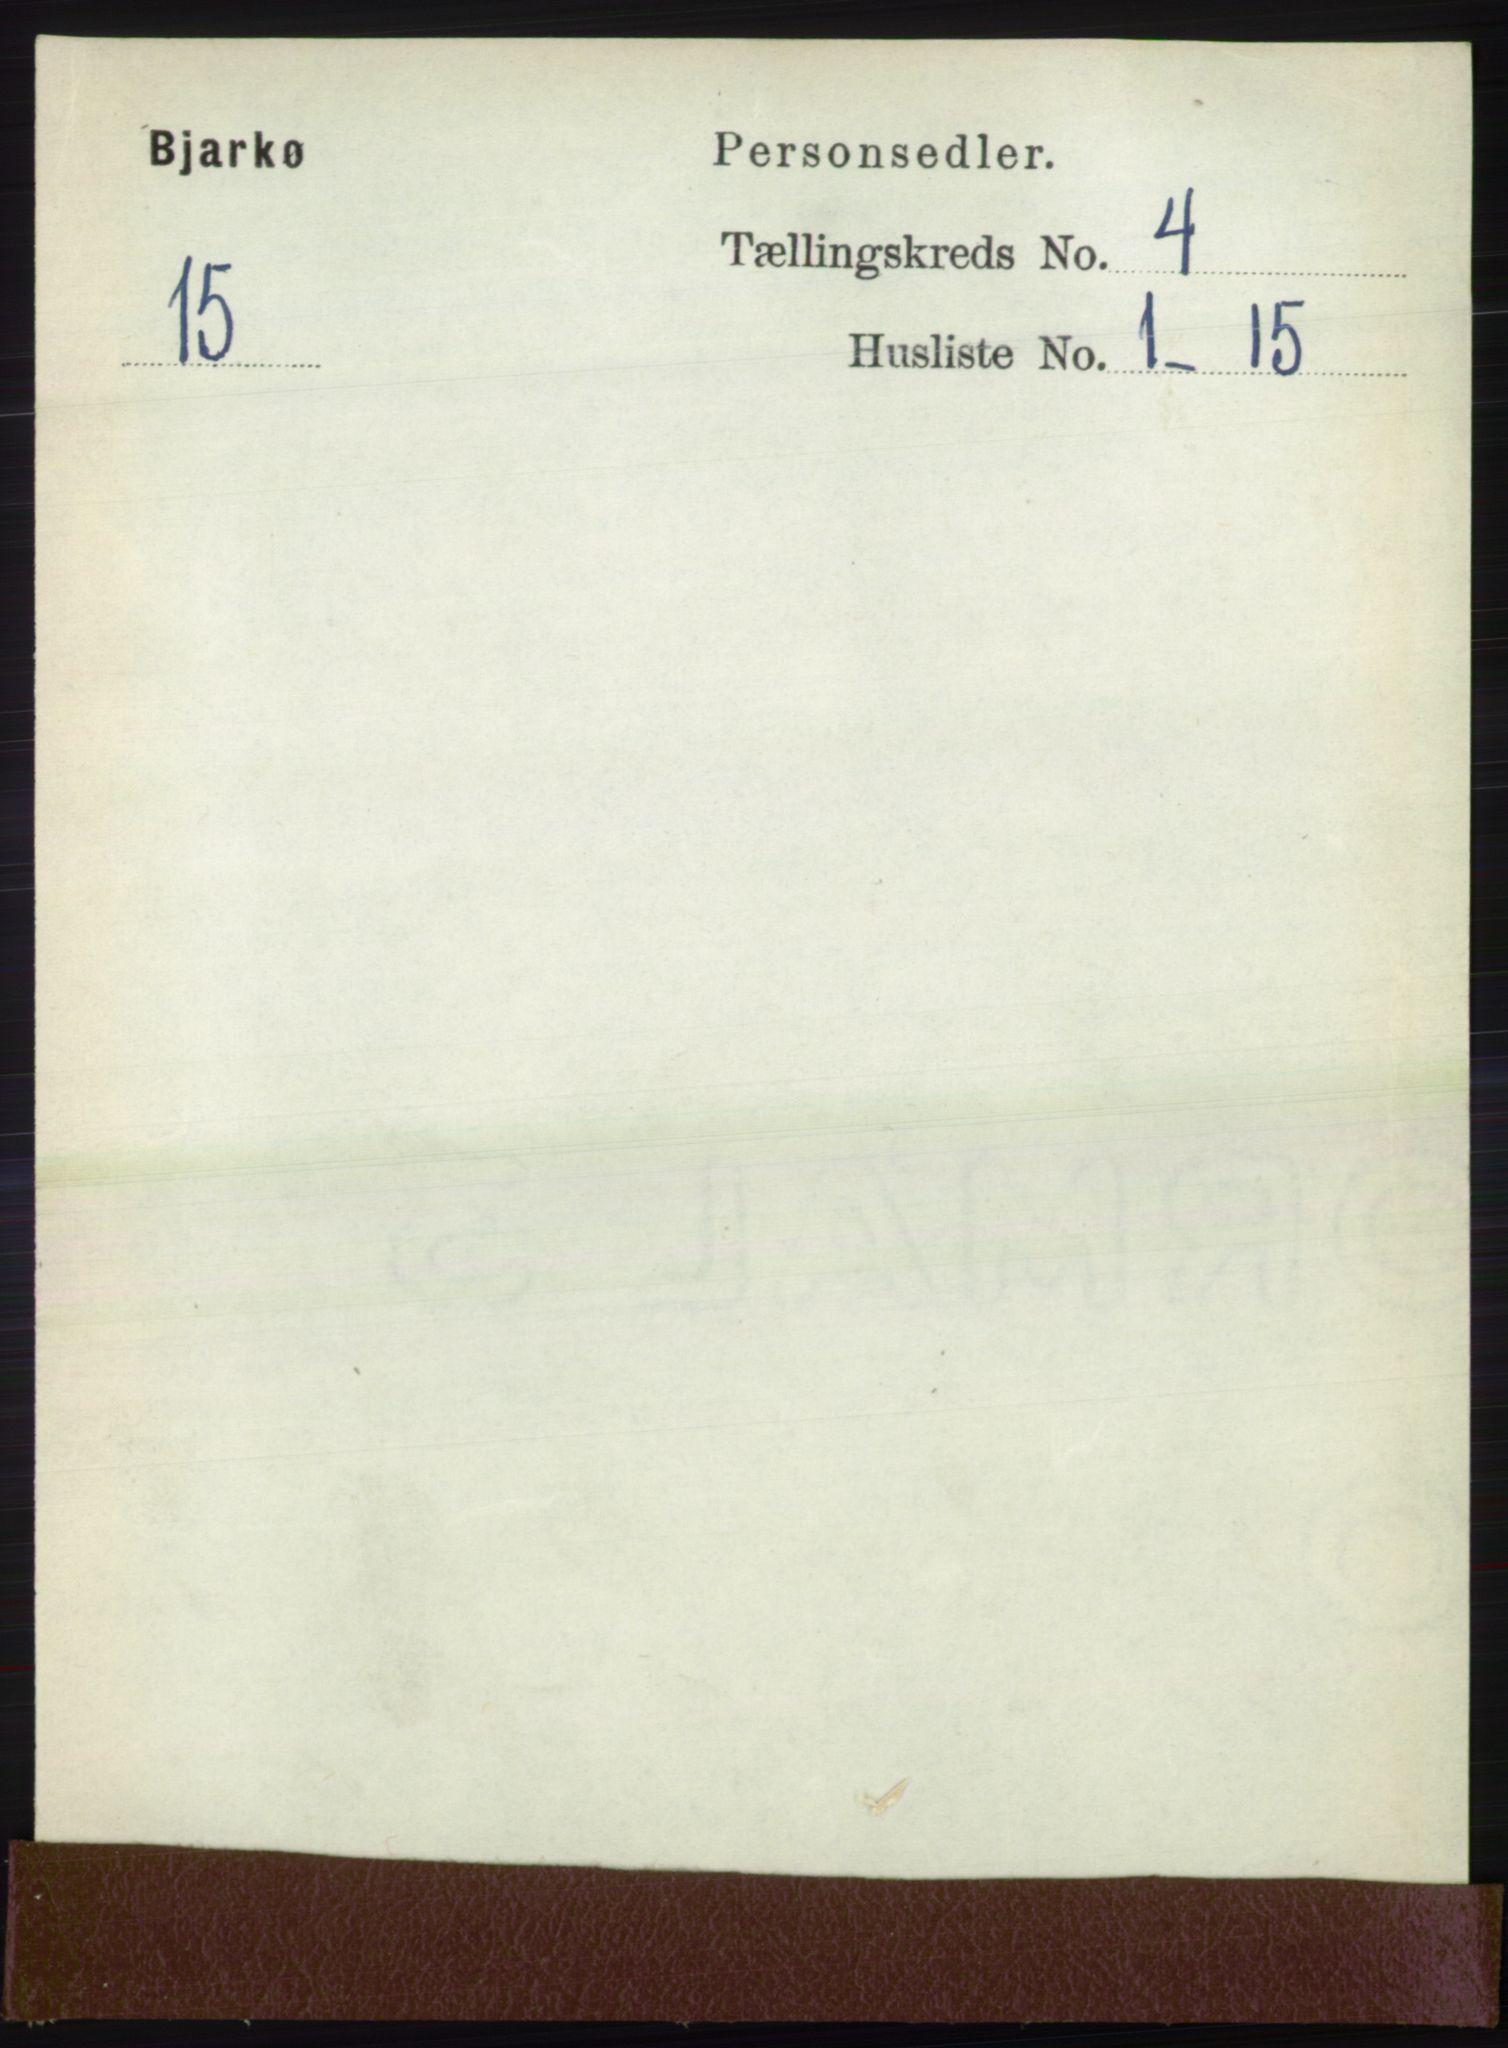 RA, Folketelling 1891 for 1915 Bjarkøy herred, 1891, s. 1908